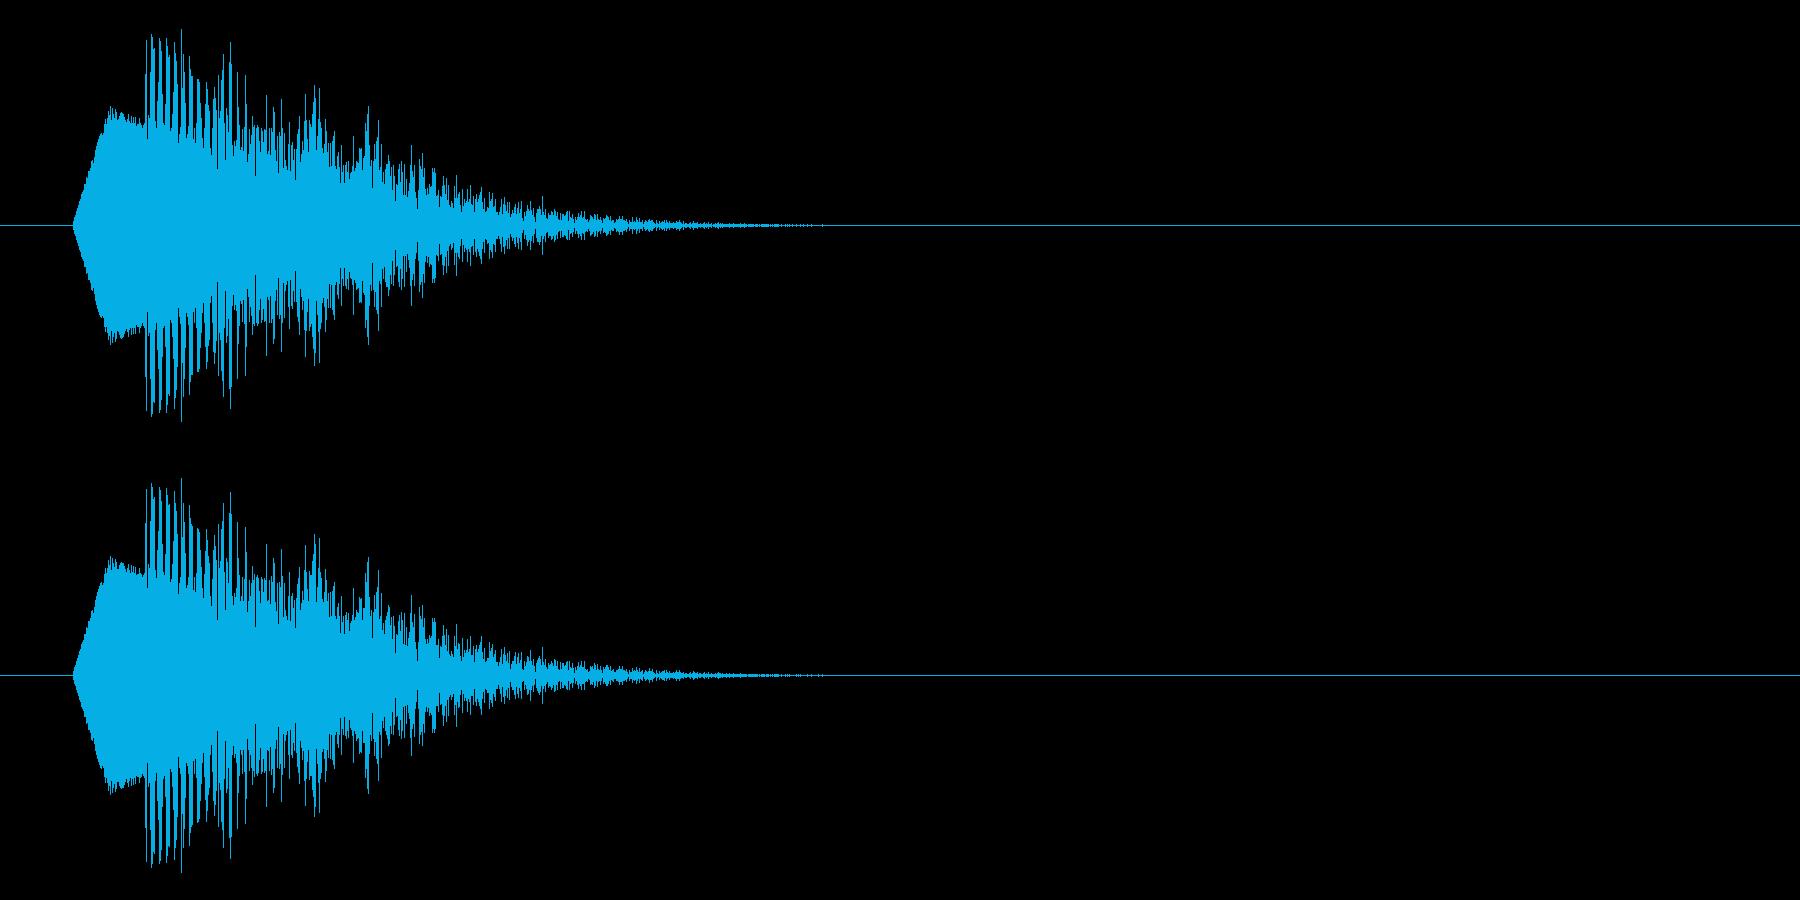 ポップな下降音/残念/落下/キャンセルの再生済みの波形